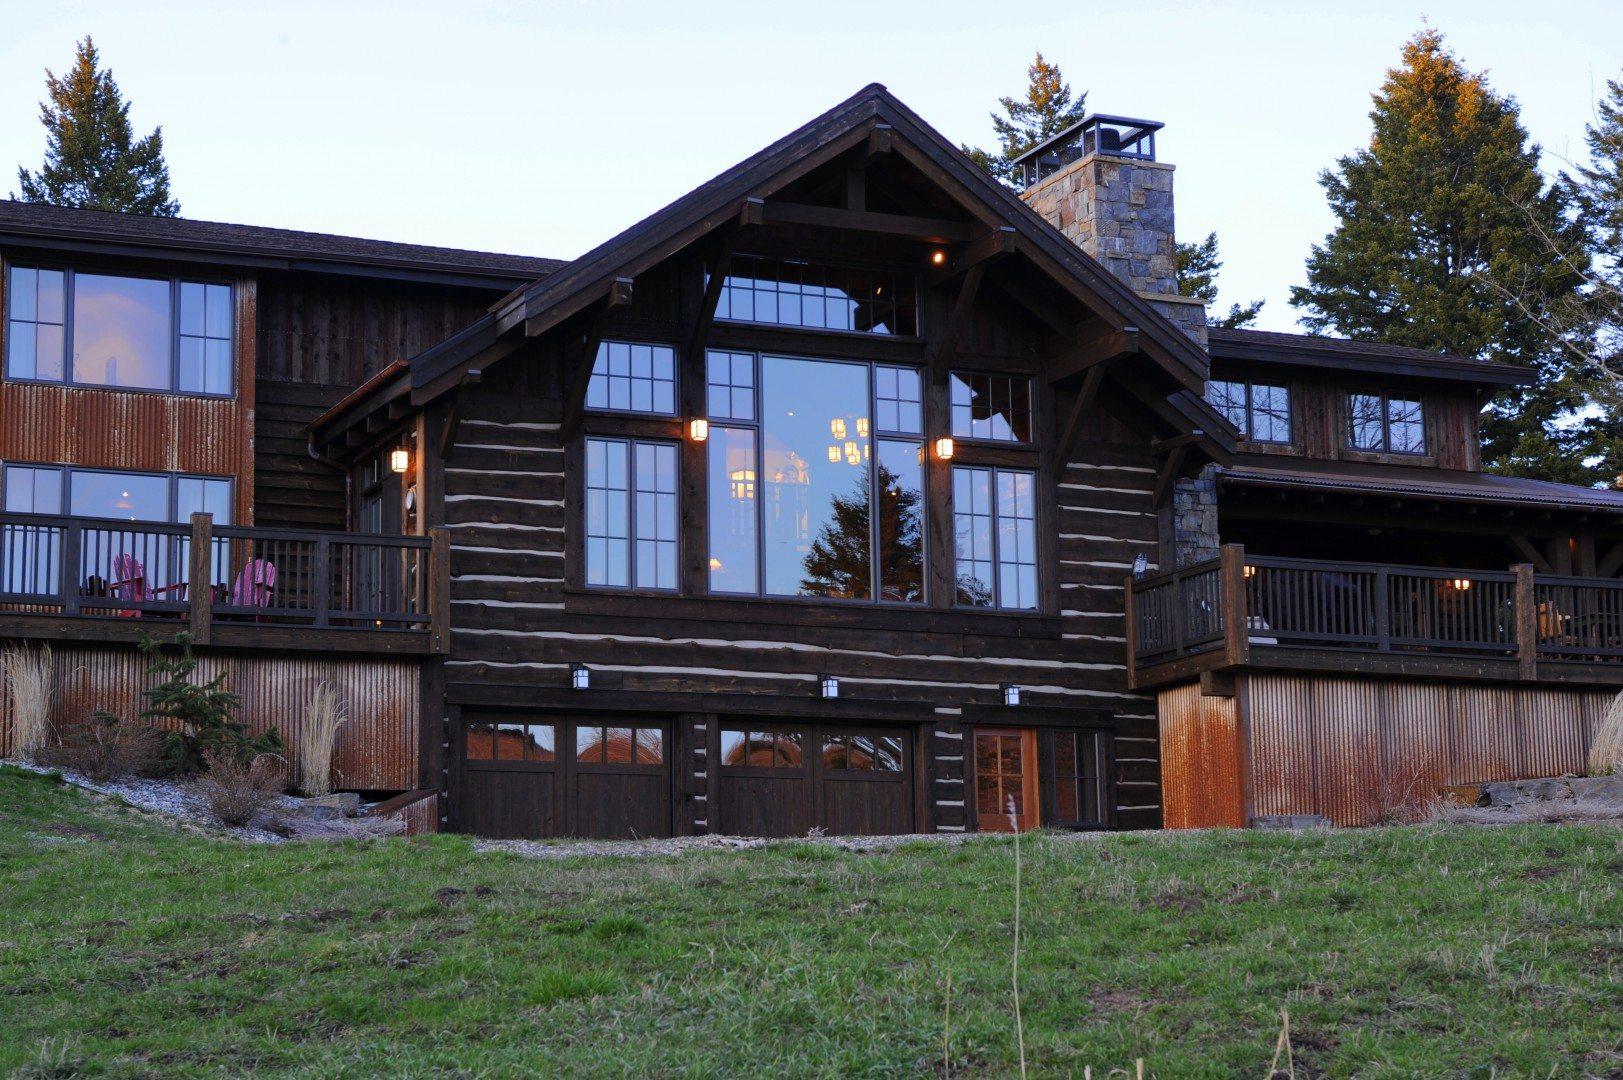 Exterior-Mountain-Home-Montana-Vacation-Rentals-UltraVilla